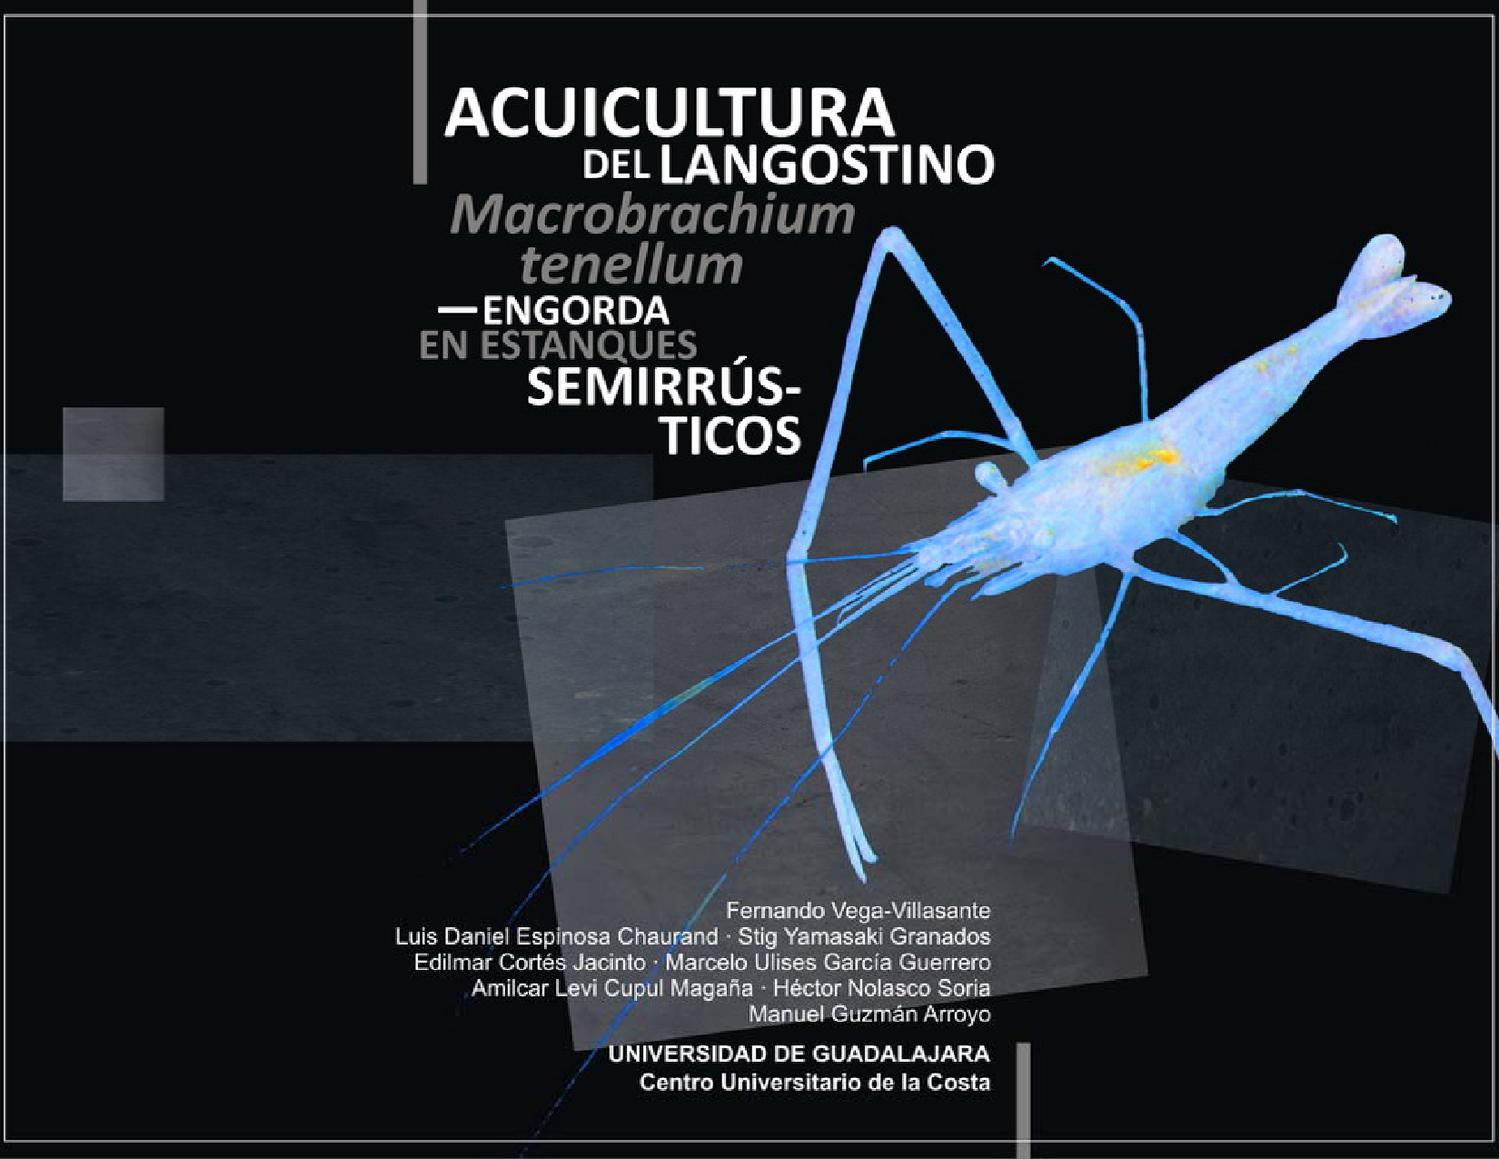 Acuicultura del langostino macrobrachium tenellum by for Manual de acuicultura pdf